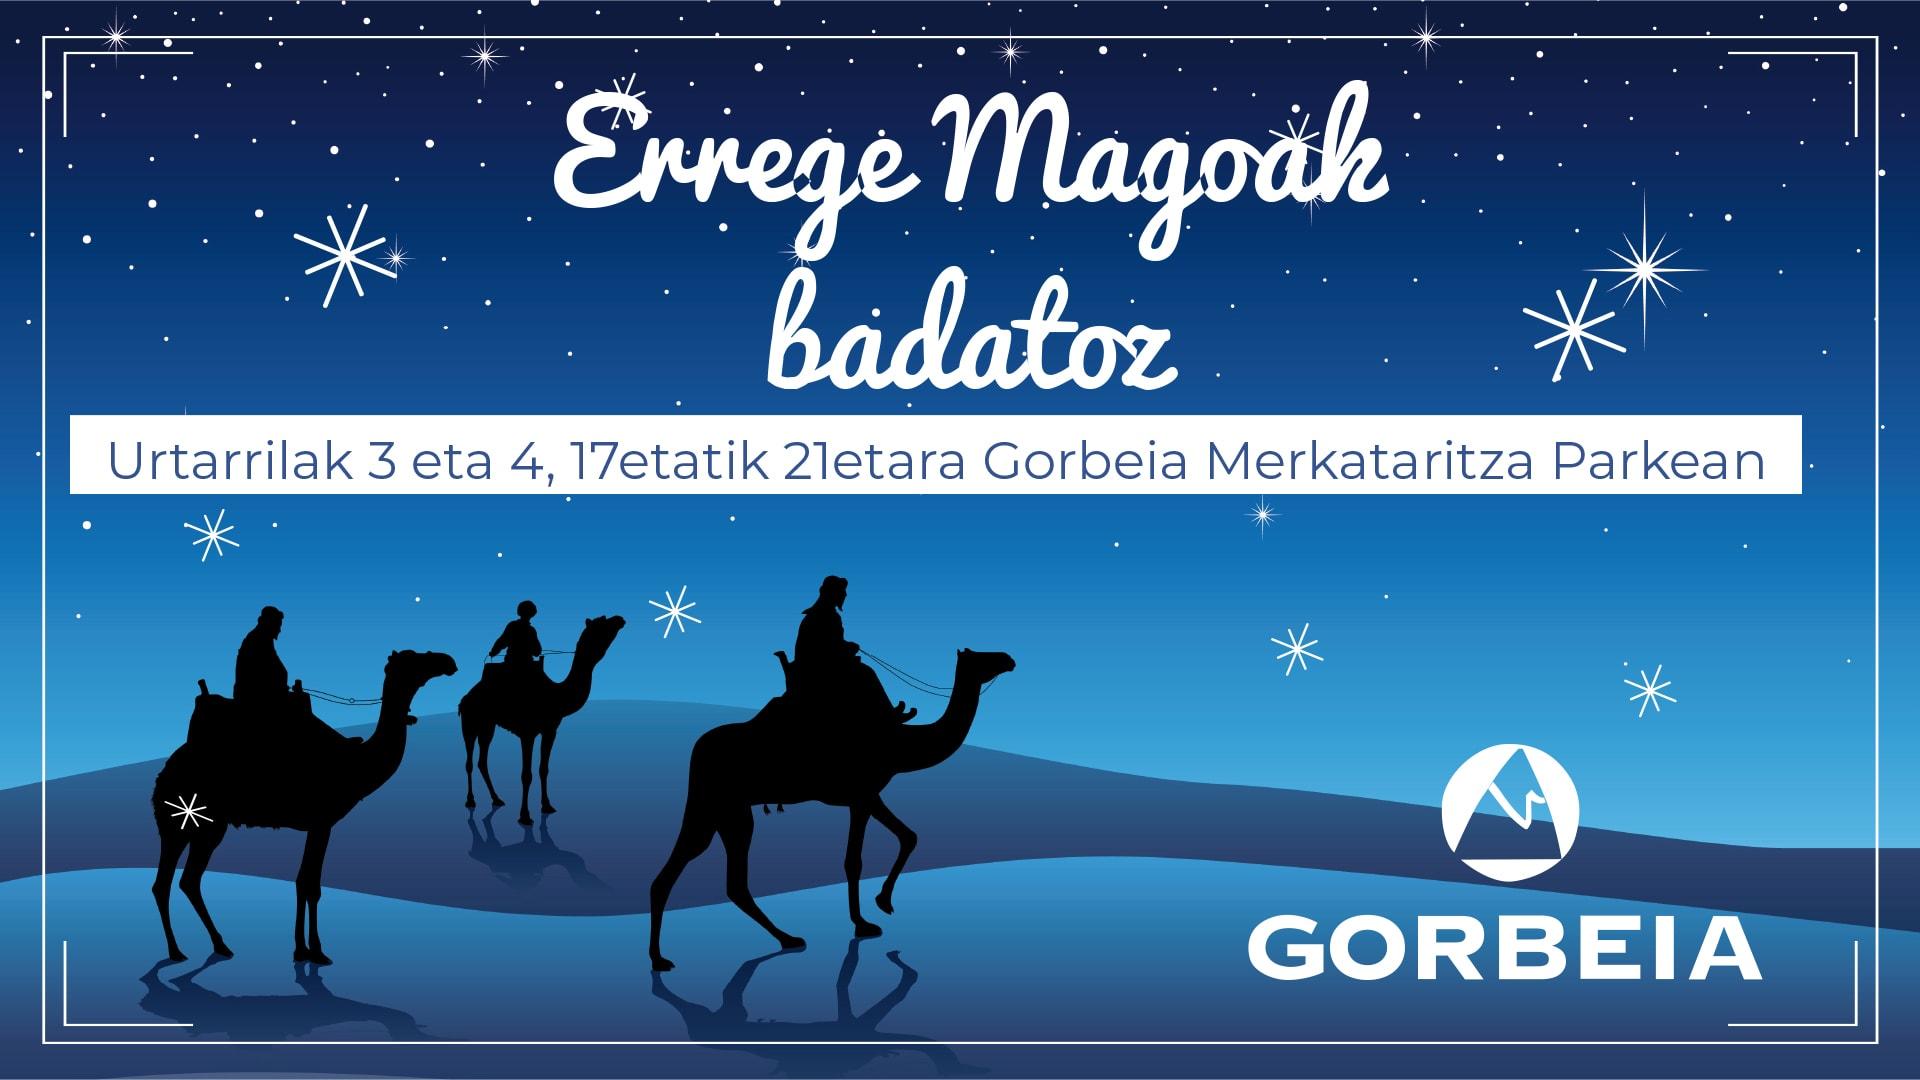 Errege Magoak Gorbeia Merkataritza Gunera datoz!